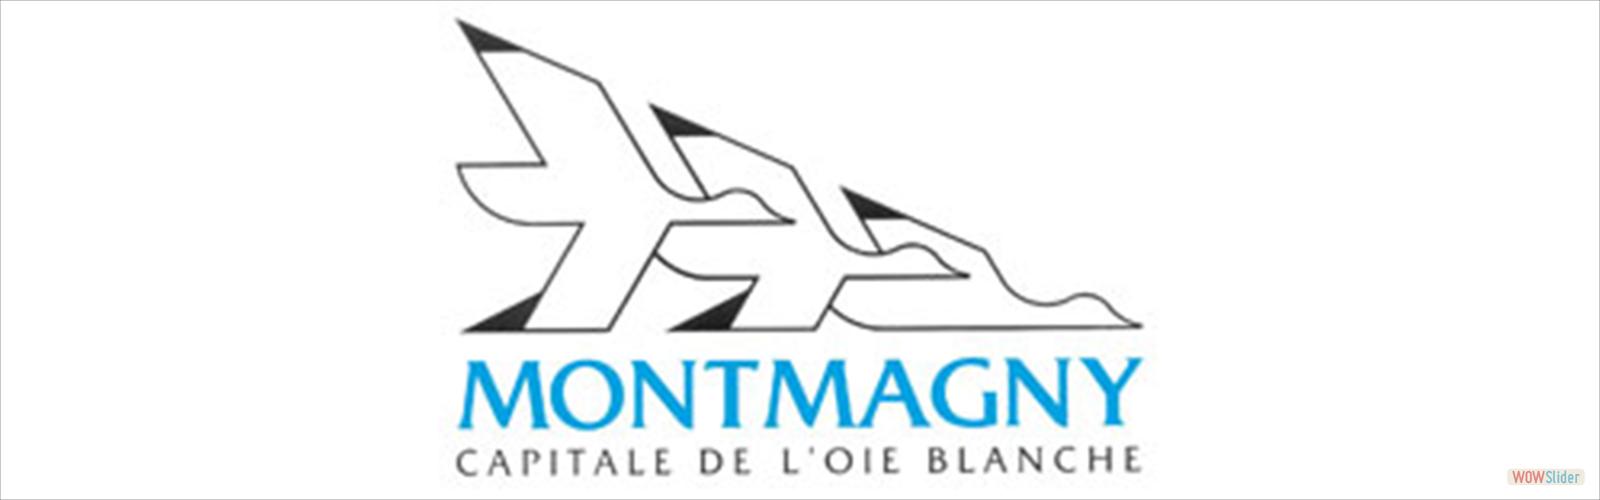 Montmagny